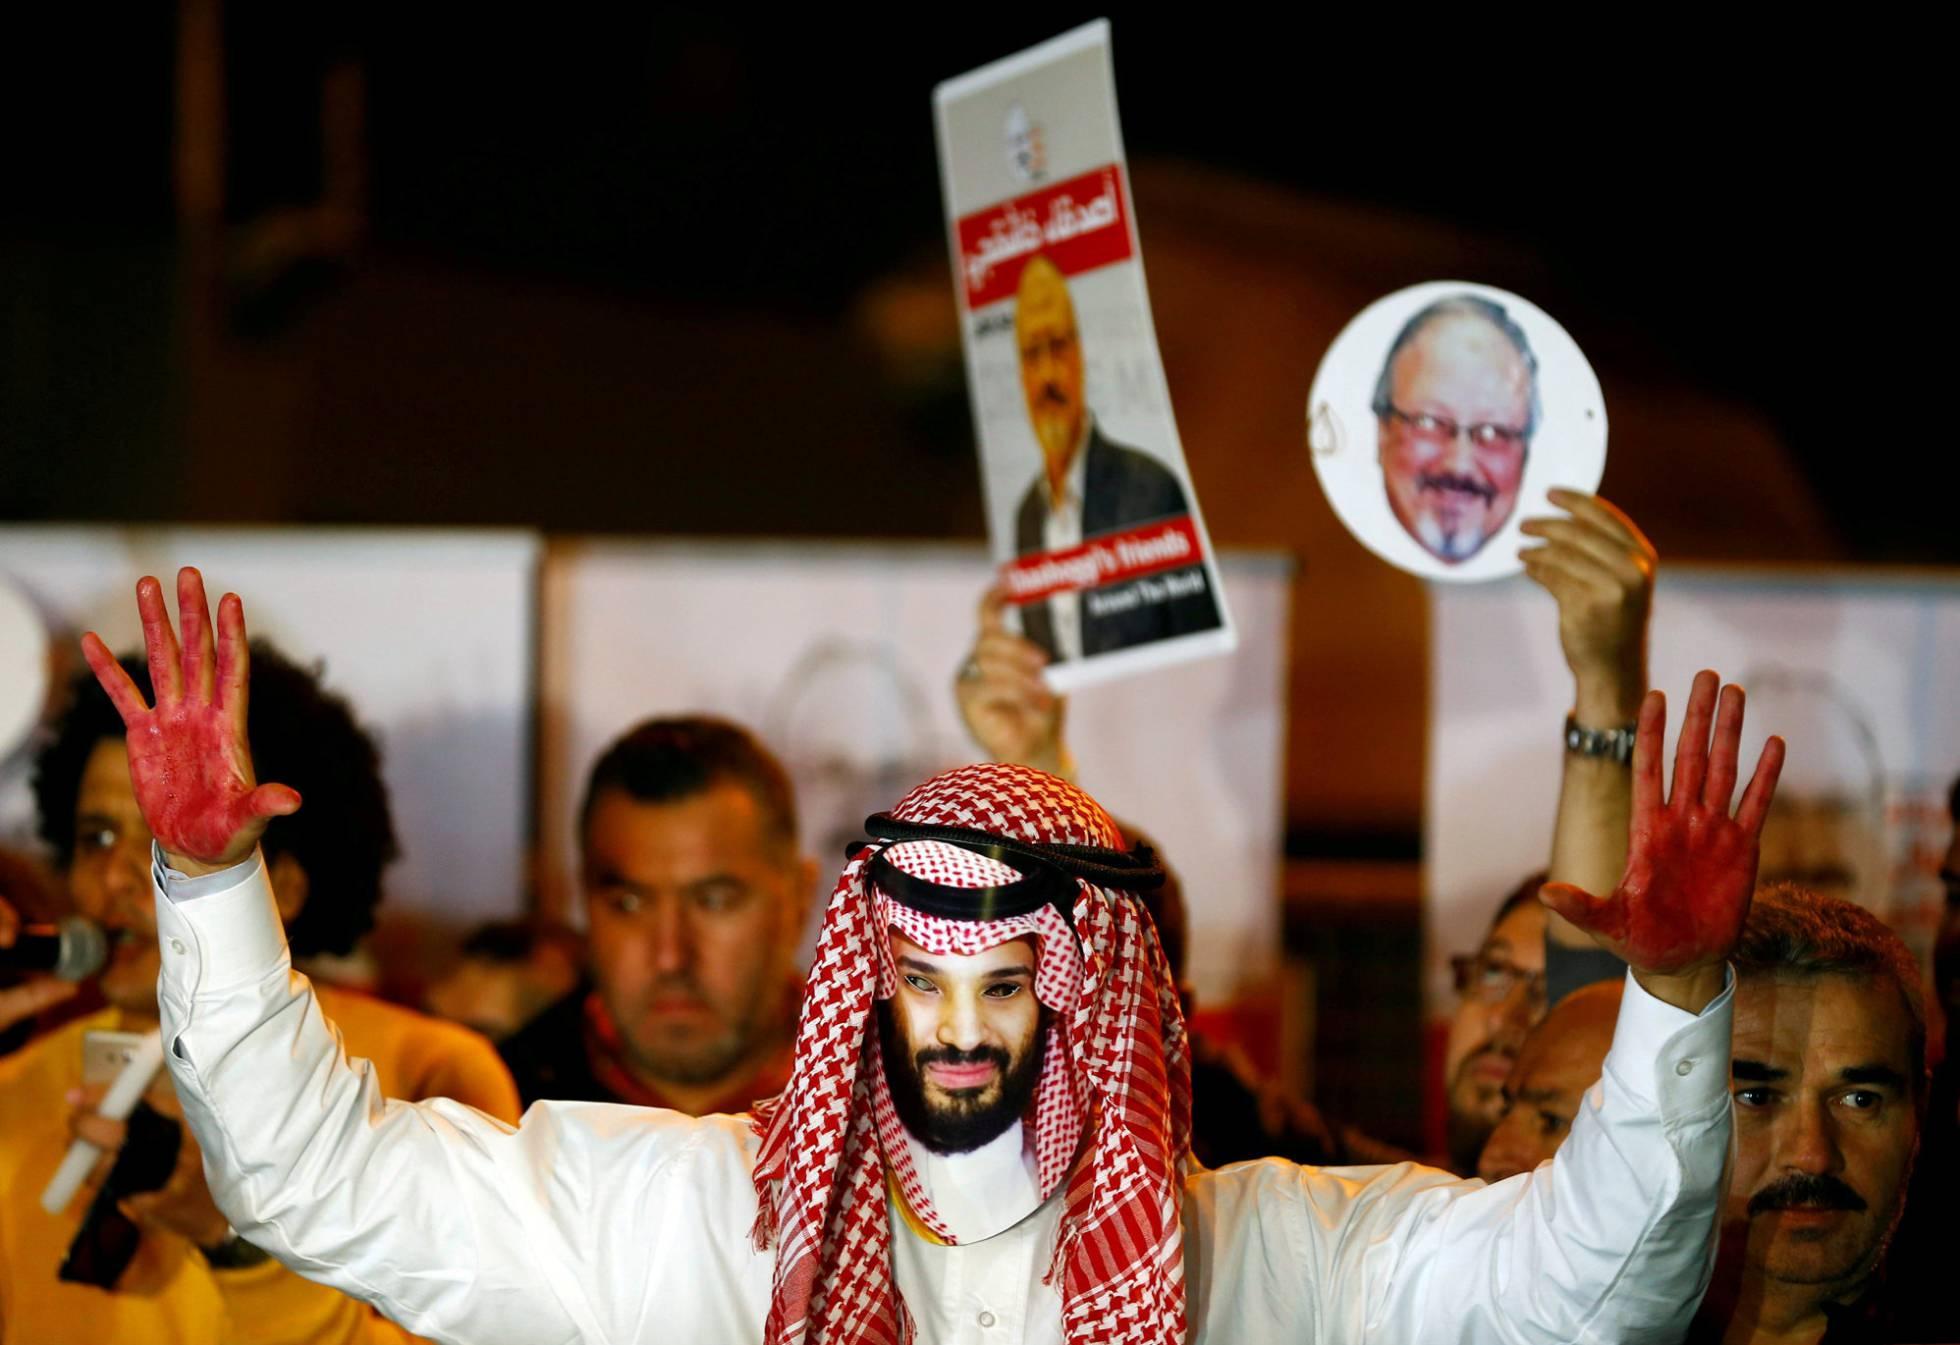 """Uno de los sospechosos del 'caso Khashoggi', tras la muerte del periodista: """"Díselo a tu jefe, está hecho"""""""